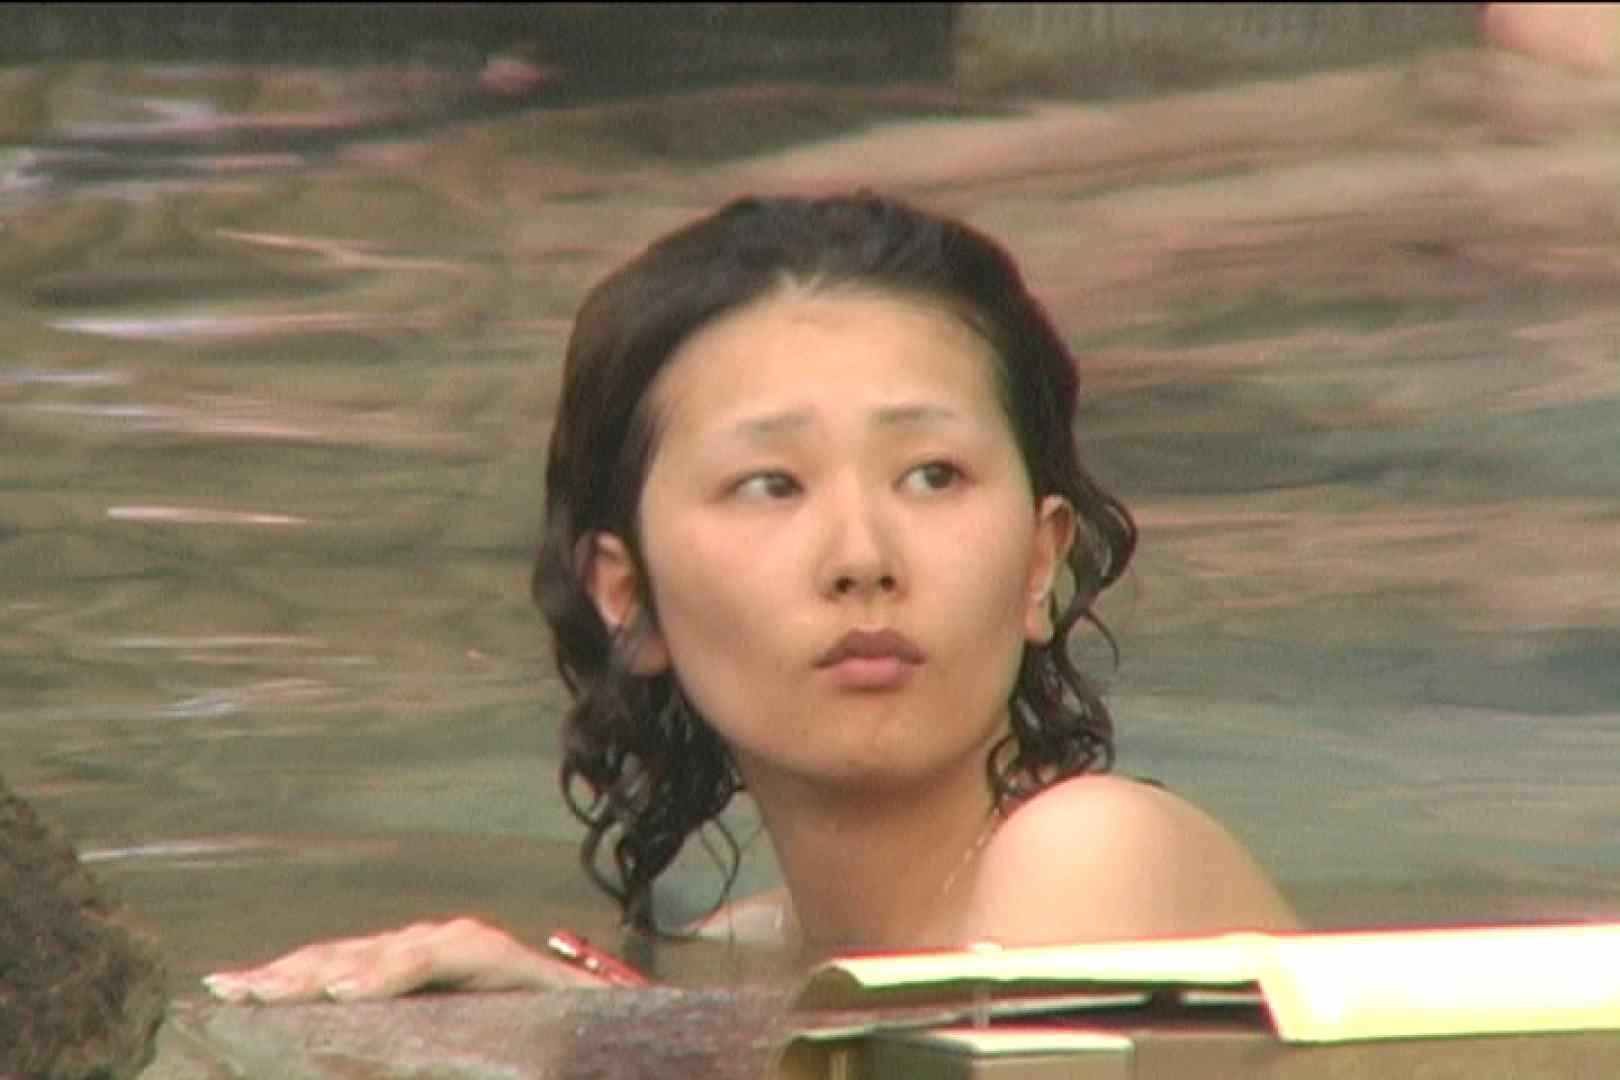 Aquaな露天風呂Vol.131 OLハメ撮り  108Pix 34